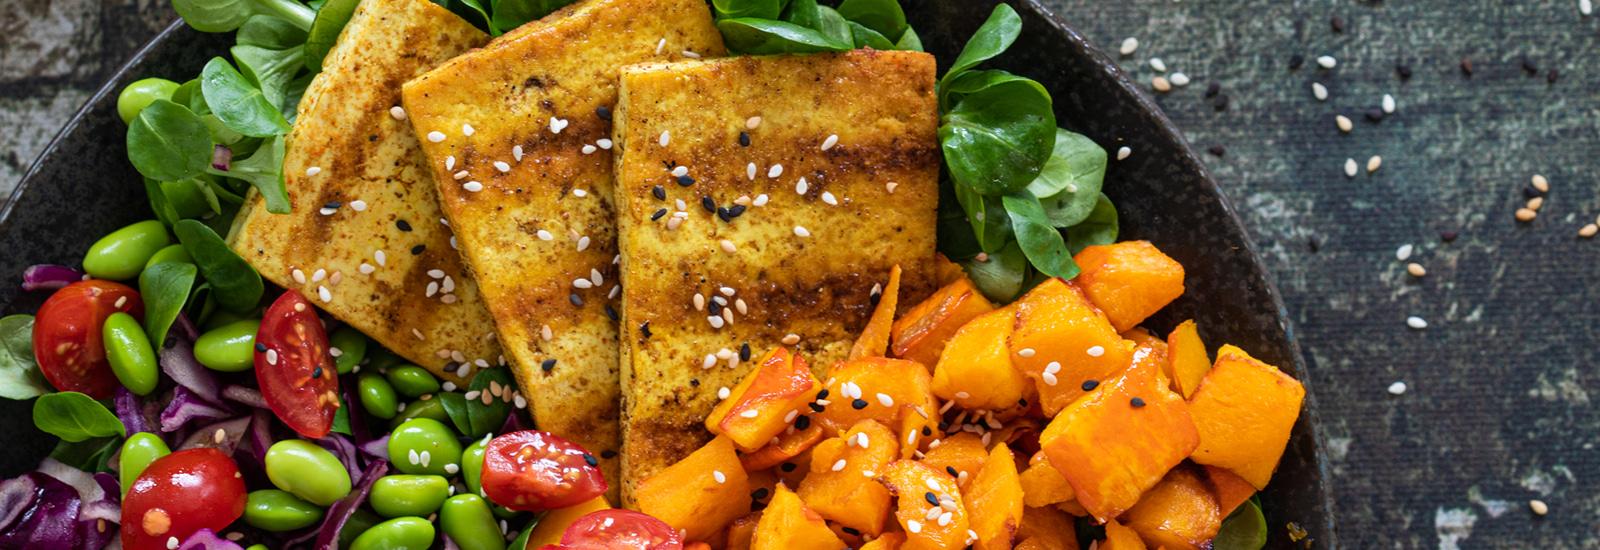 afbeeldingsgrootte_blog-recept-tofu-plant-power